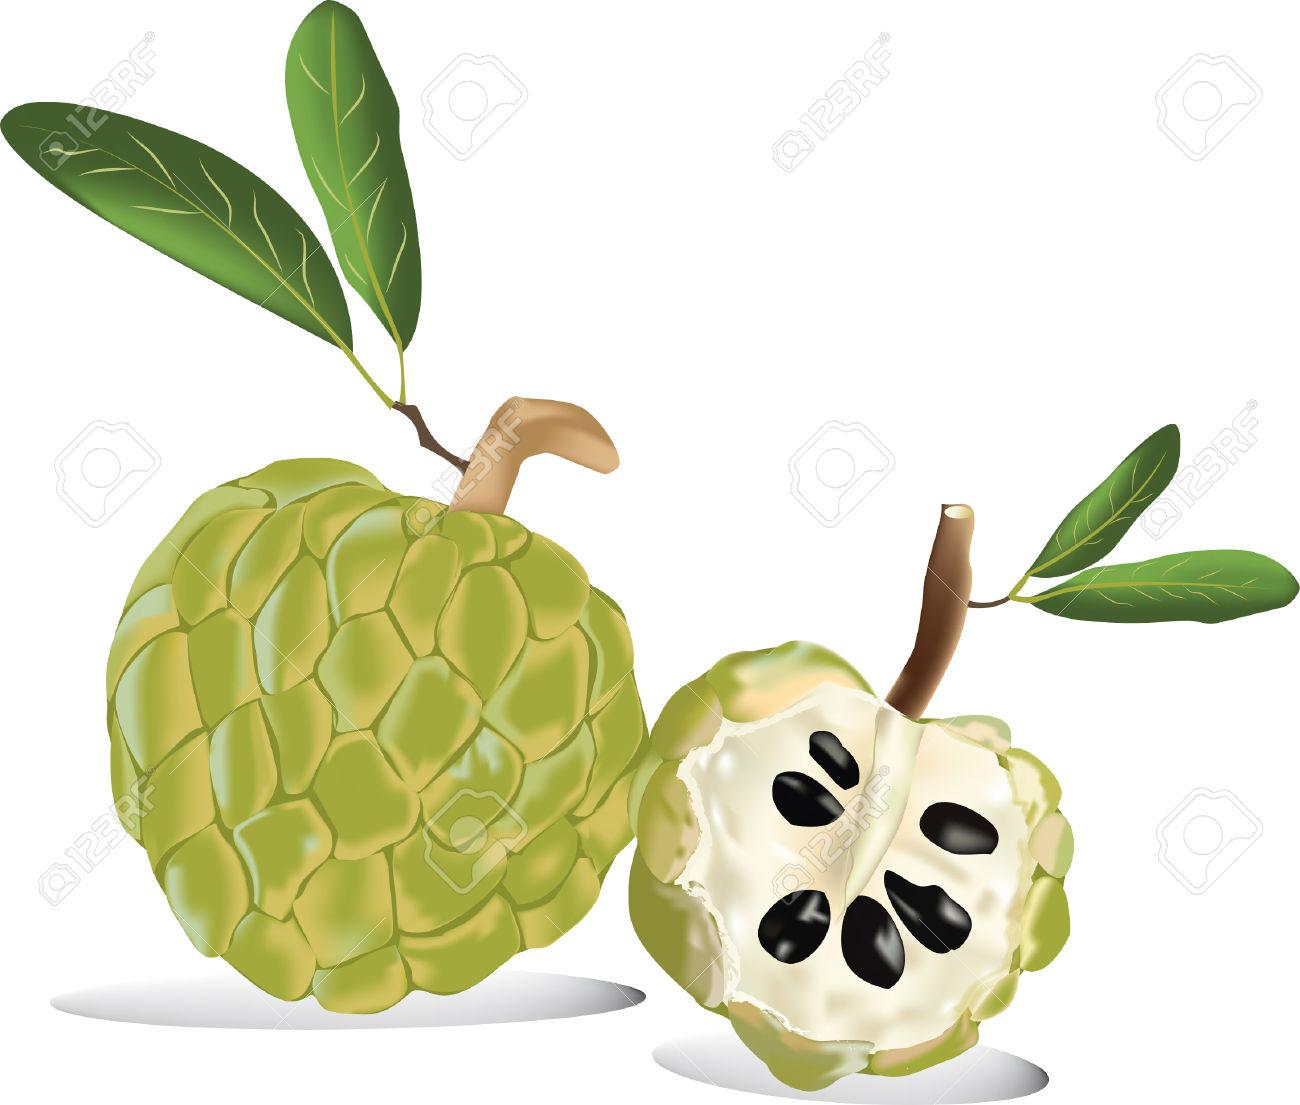 Thai Fruit Custard Apple Of Fresh Custard Apple Isolated In White.